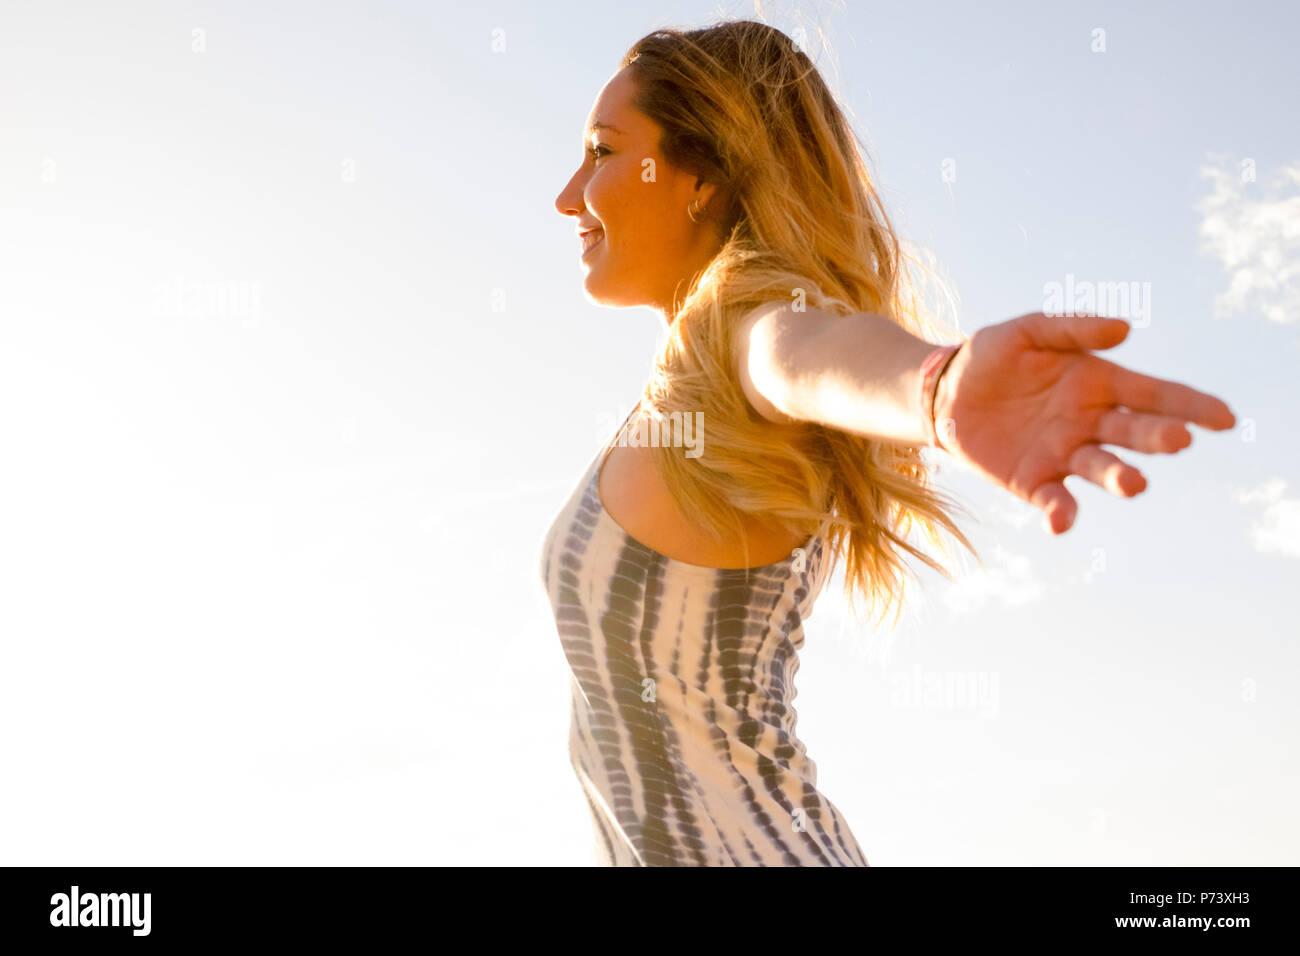 Junge schöne Frau genießen ihre Freiheit zu öffnen. Unabhängiges Leben und sich wohl fühlen mit der Welt. Alle mit Genugtuung umfassen. outdoor Glück mit Stockbild